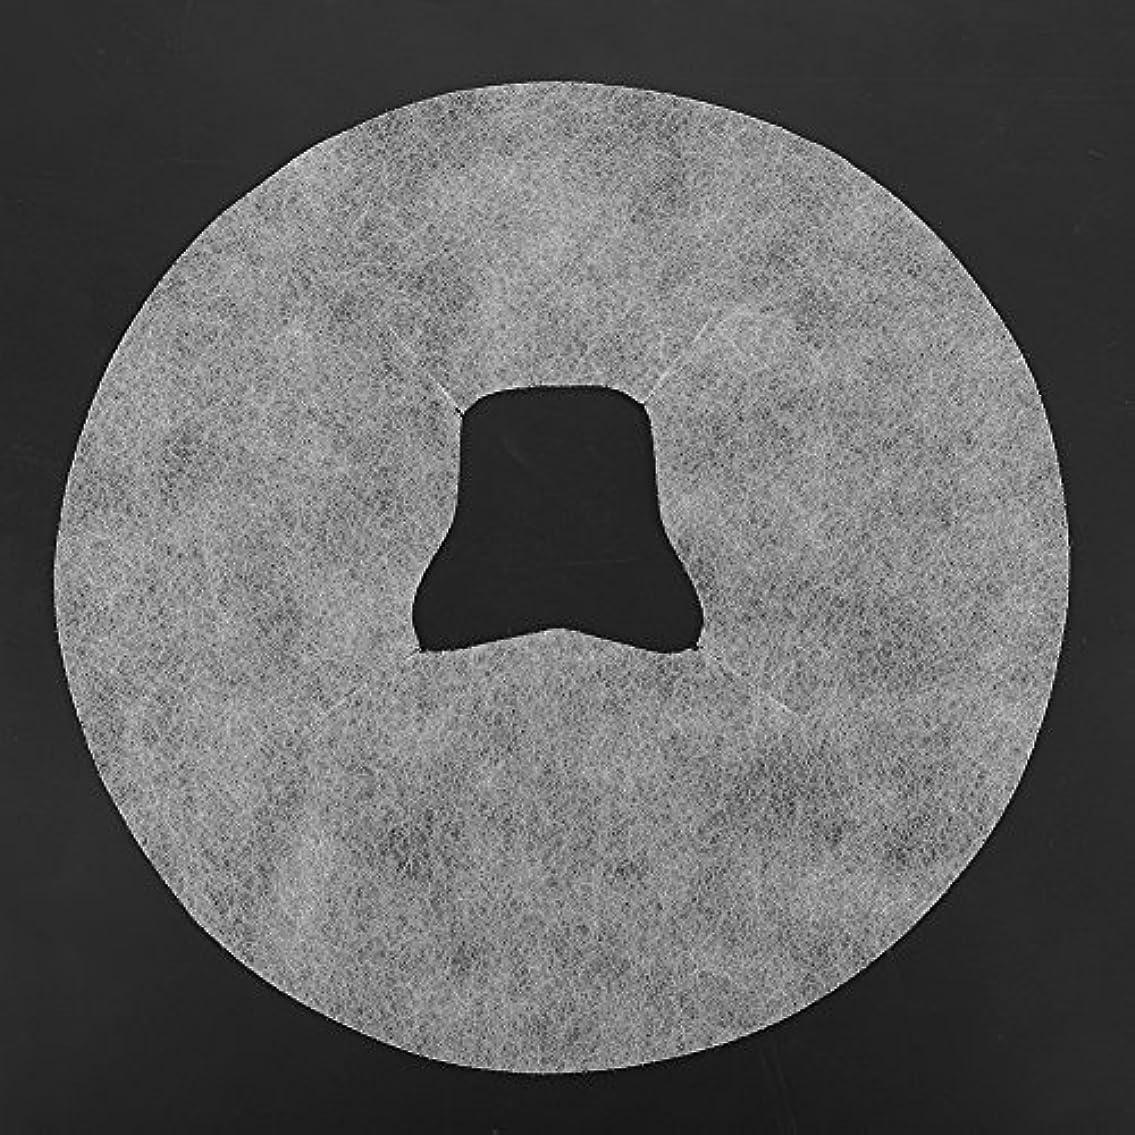 強いますチキン起こるSoarUp 【100枚入】 フェイスマッサージパッド 使い捨てタオル 顔用 使い捨て 不織布材料 通気性 美容院?スパ?美容マッサージ専用 衛生的 安全 ホワイト